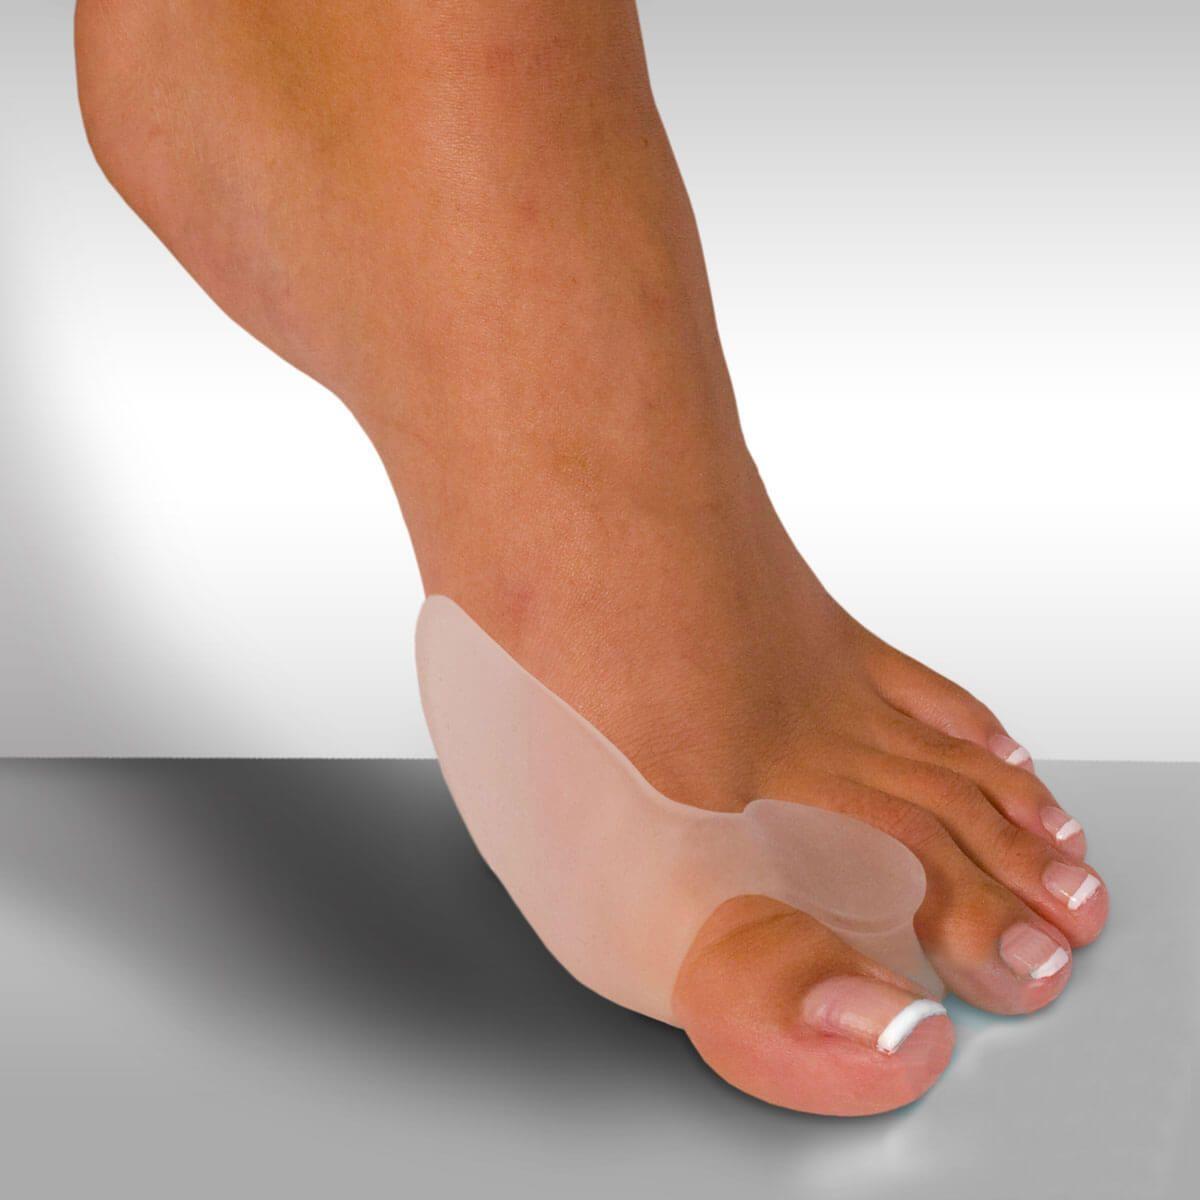 Фиксатор для косточек на ногах Вальгус Про (Valgus Pro), для коррекции пальцев стопы